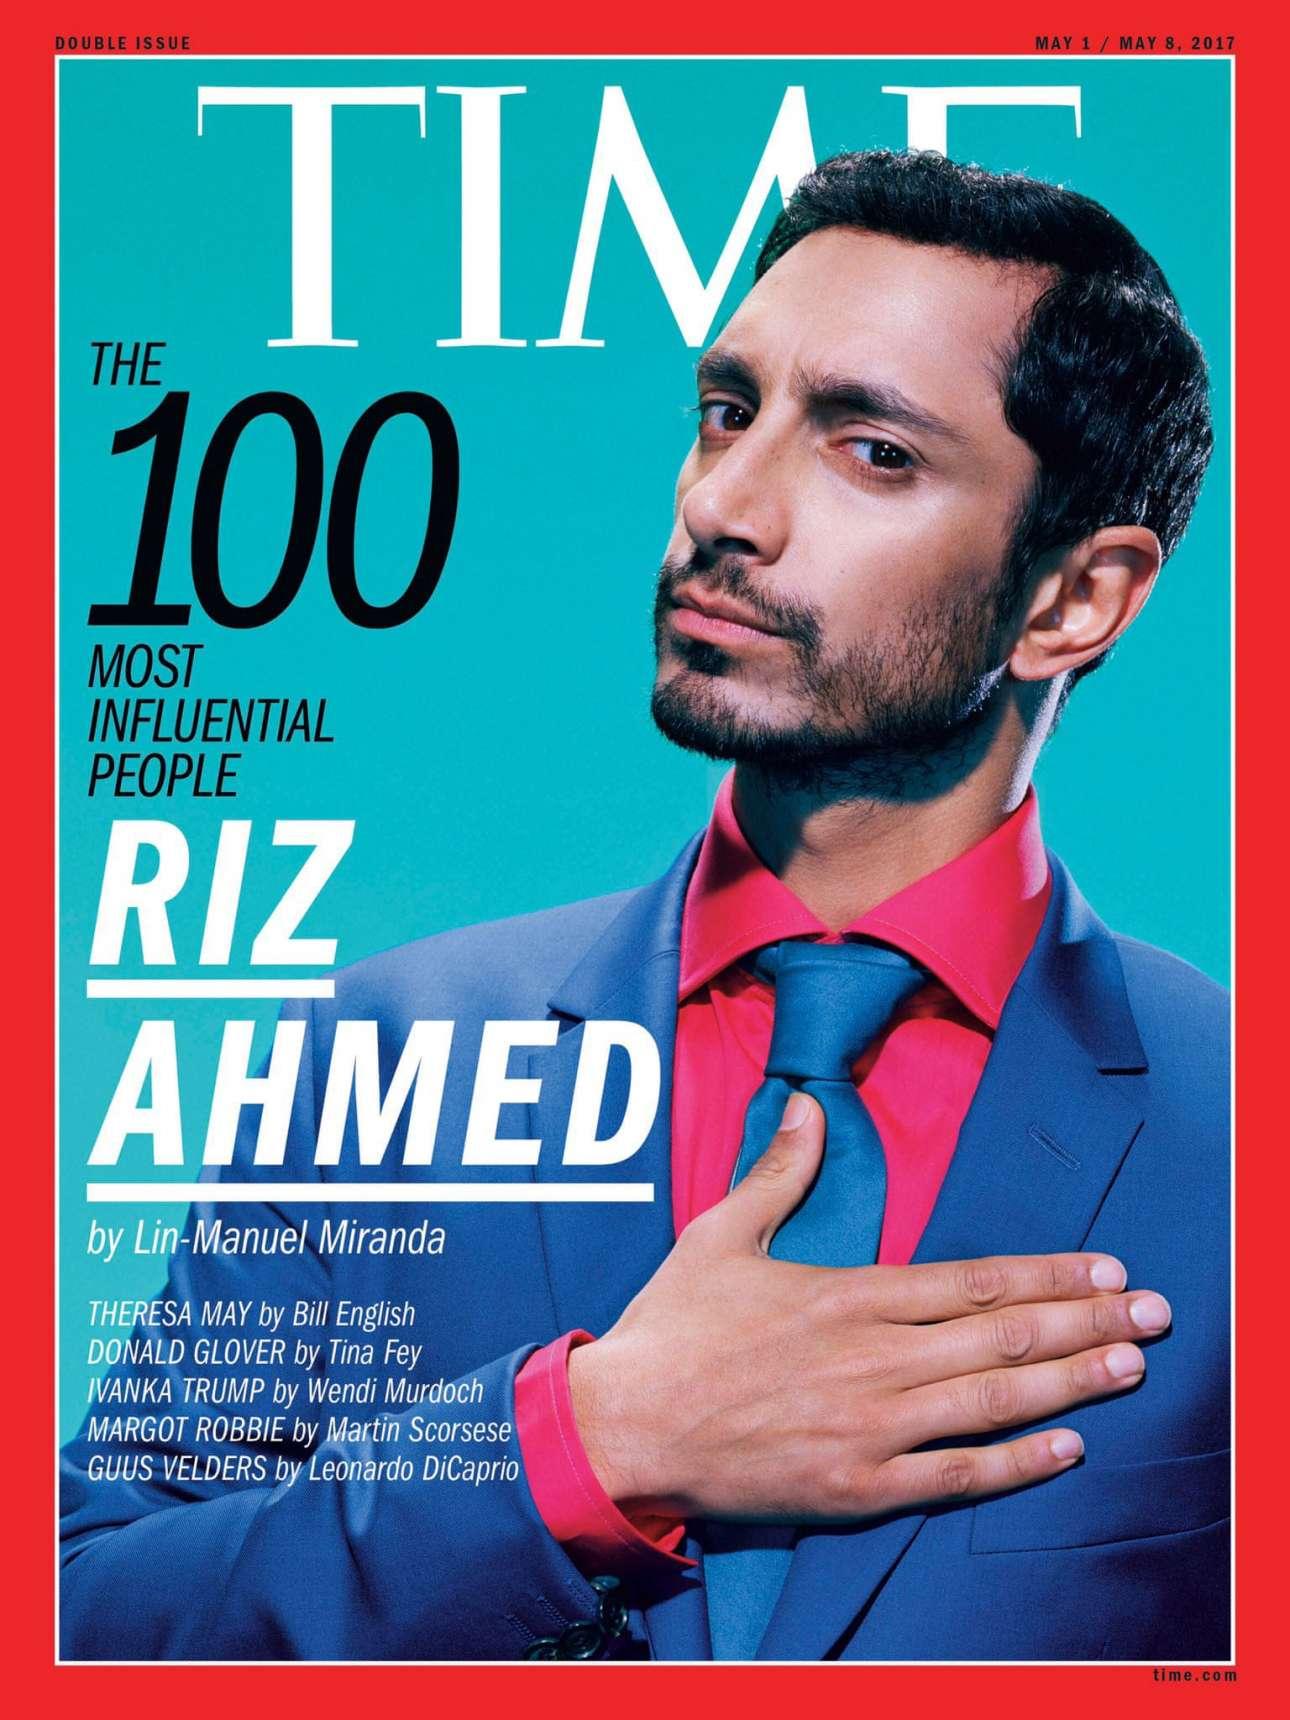 Τα τελευταία χρόνια το Time δίνει έμφαση στα πρόσωπα που επηρεάζουν τις κοινωνίες και τις ζωές μας, κατά κάποιο τρόπο τους influencer. Εδώ, σε ένα εξώφυλλο του 2017, ο ηθοποιός Ριζ Αχμέντ